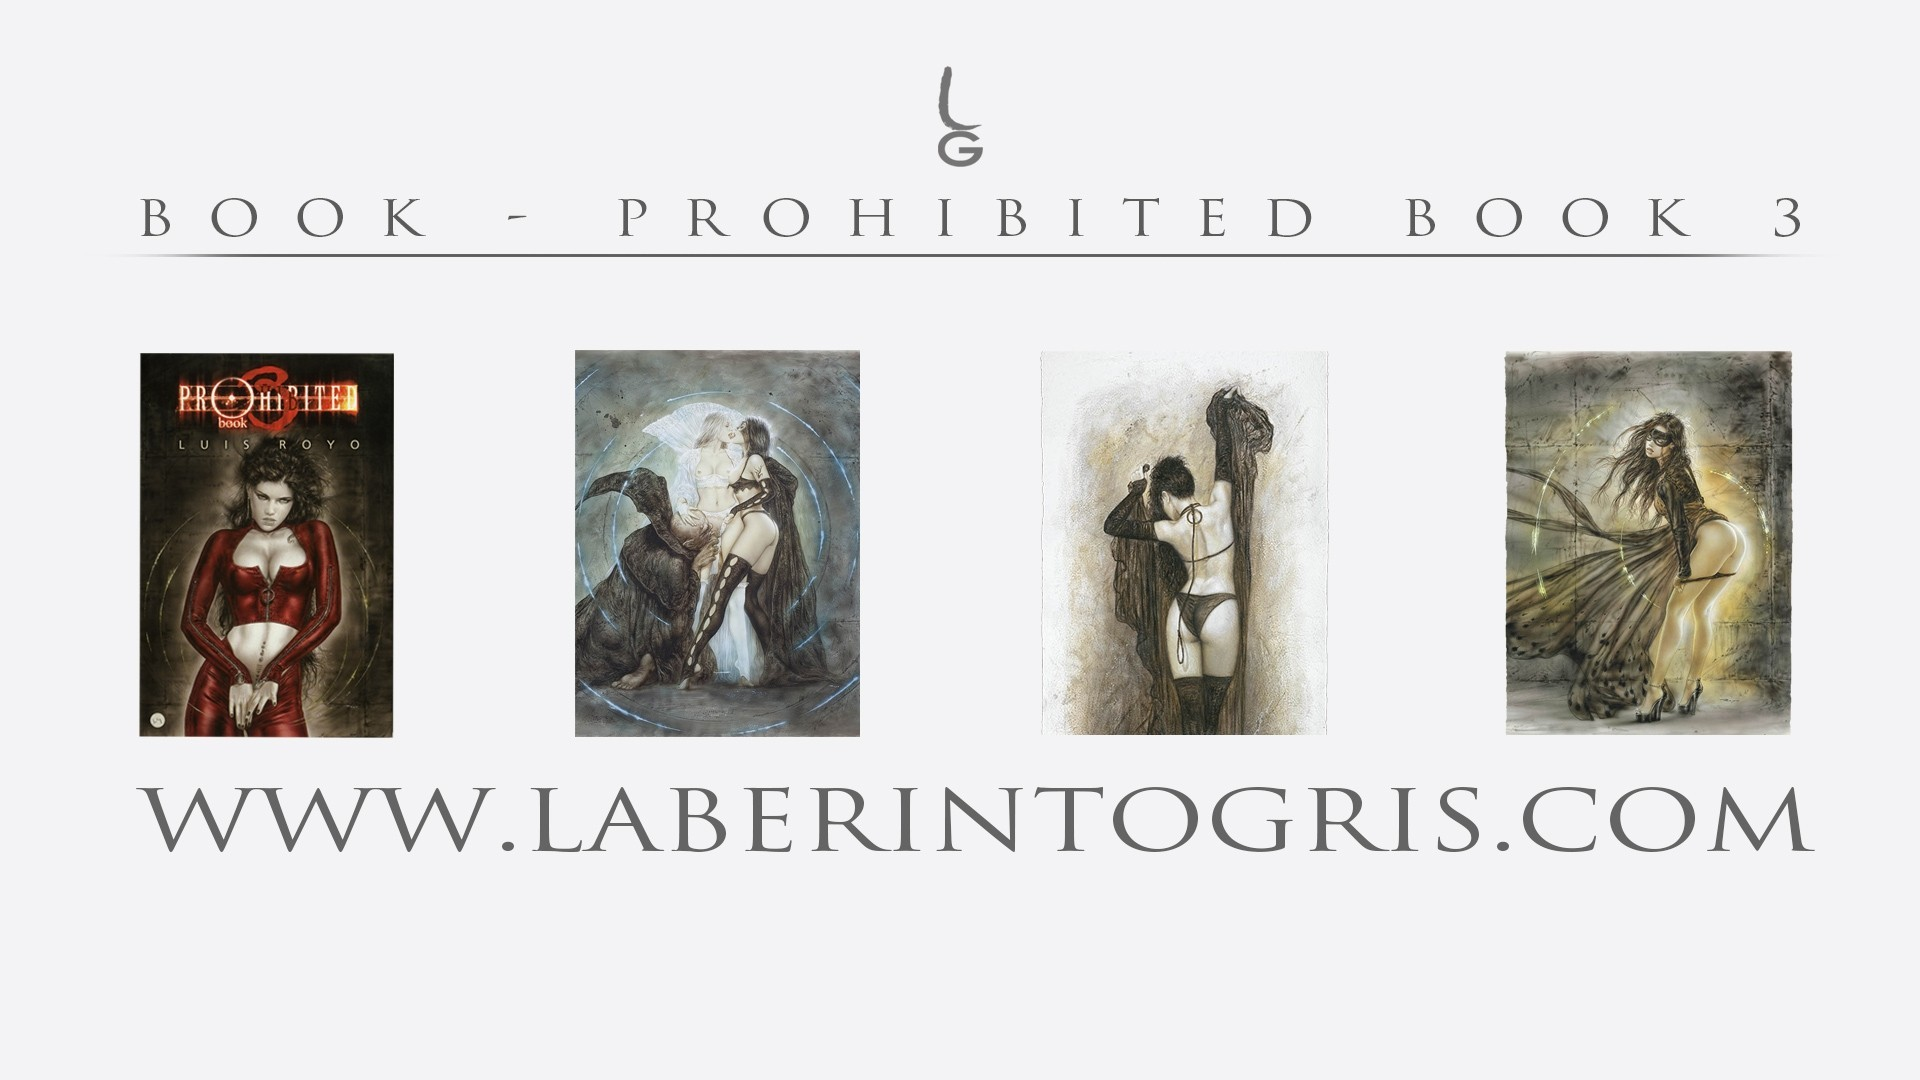 Prohibited book III